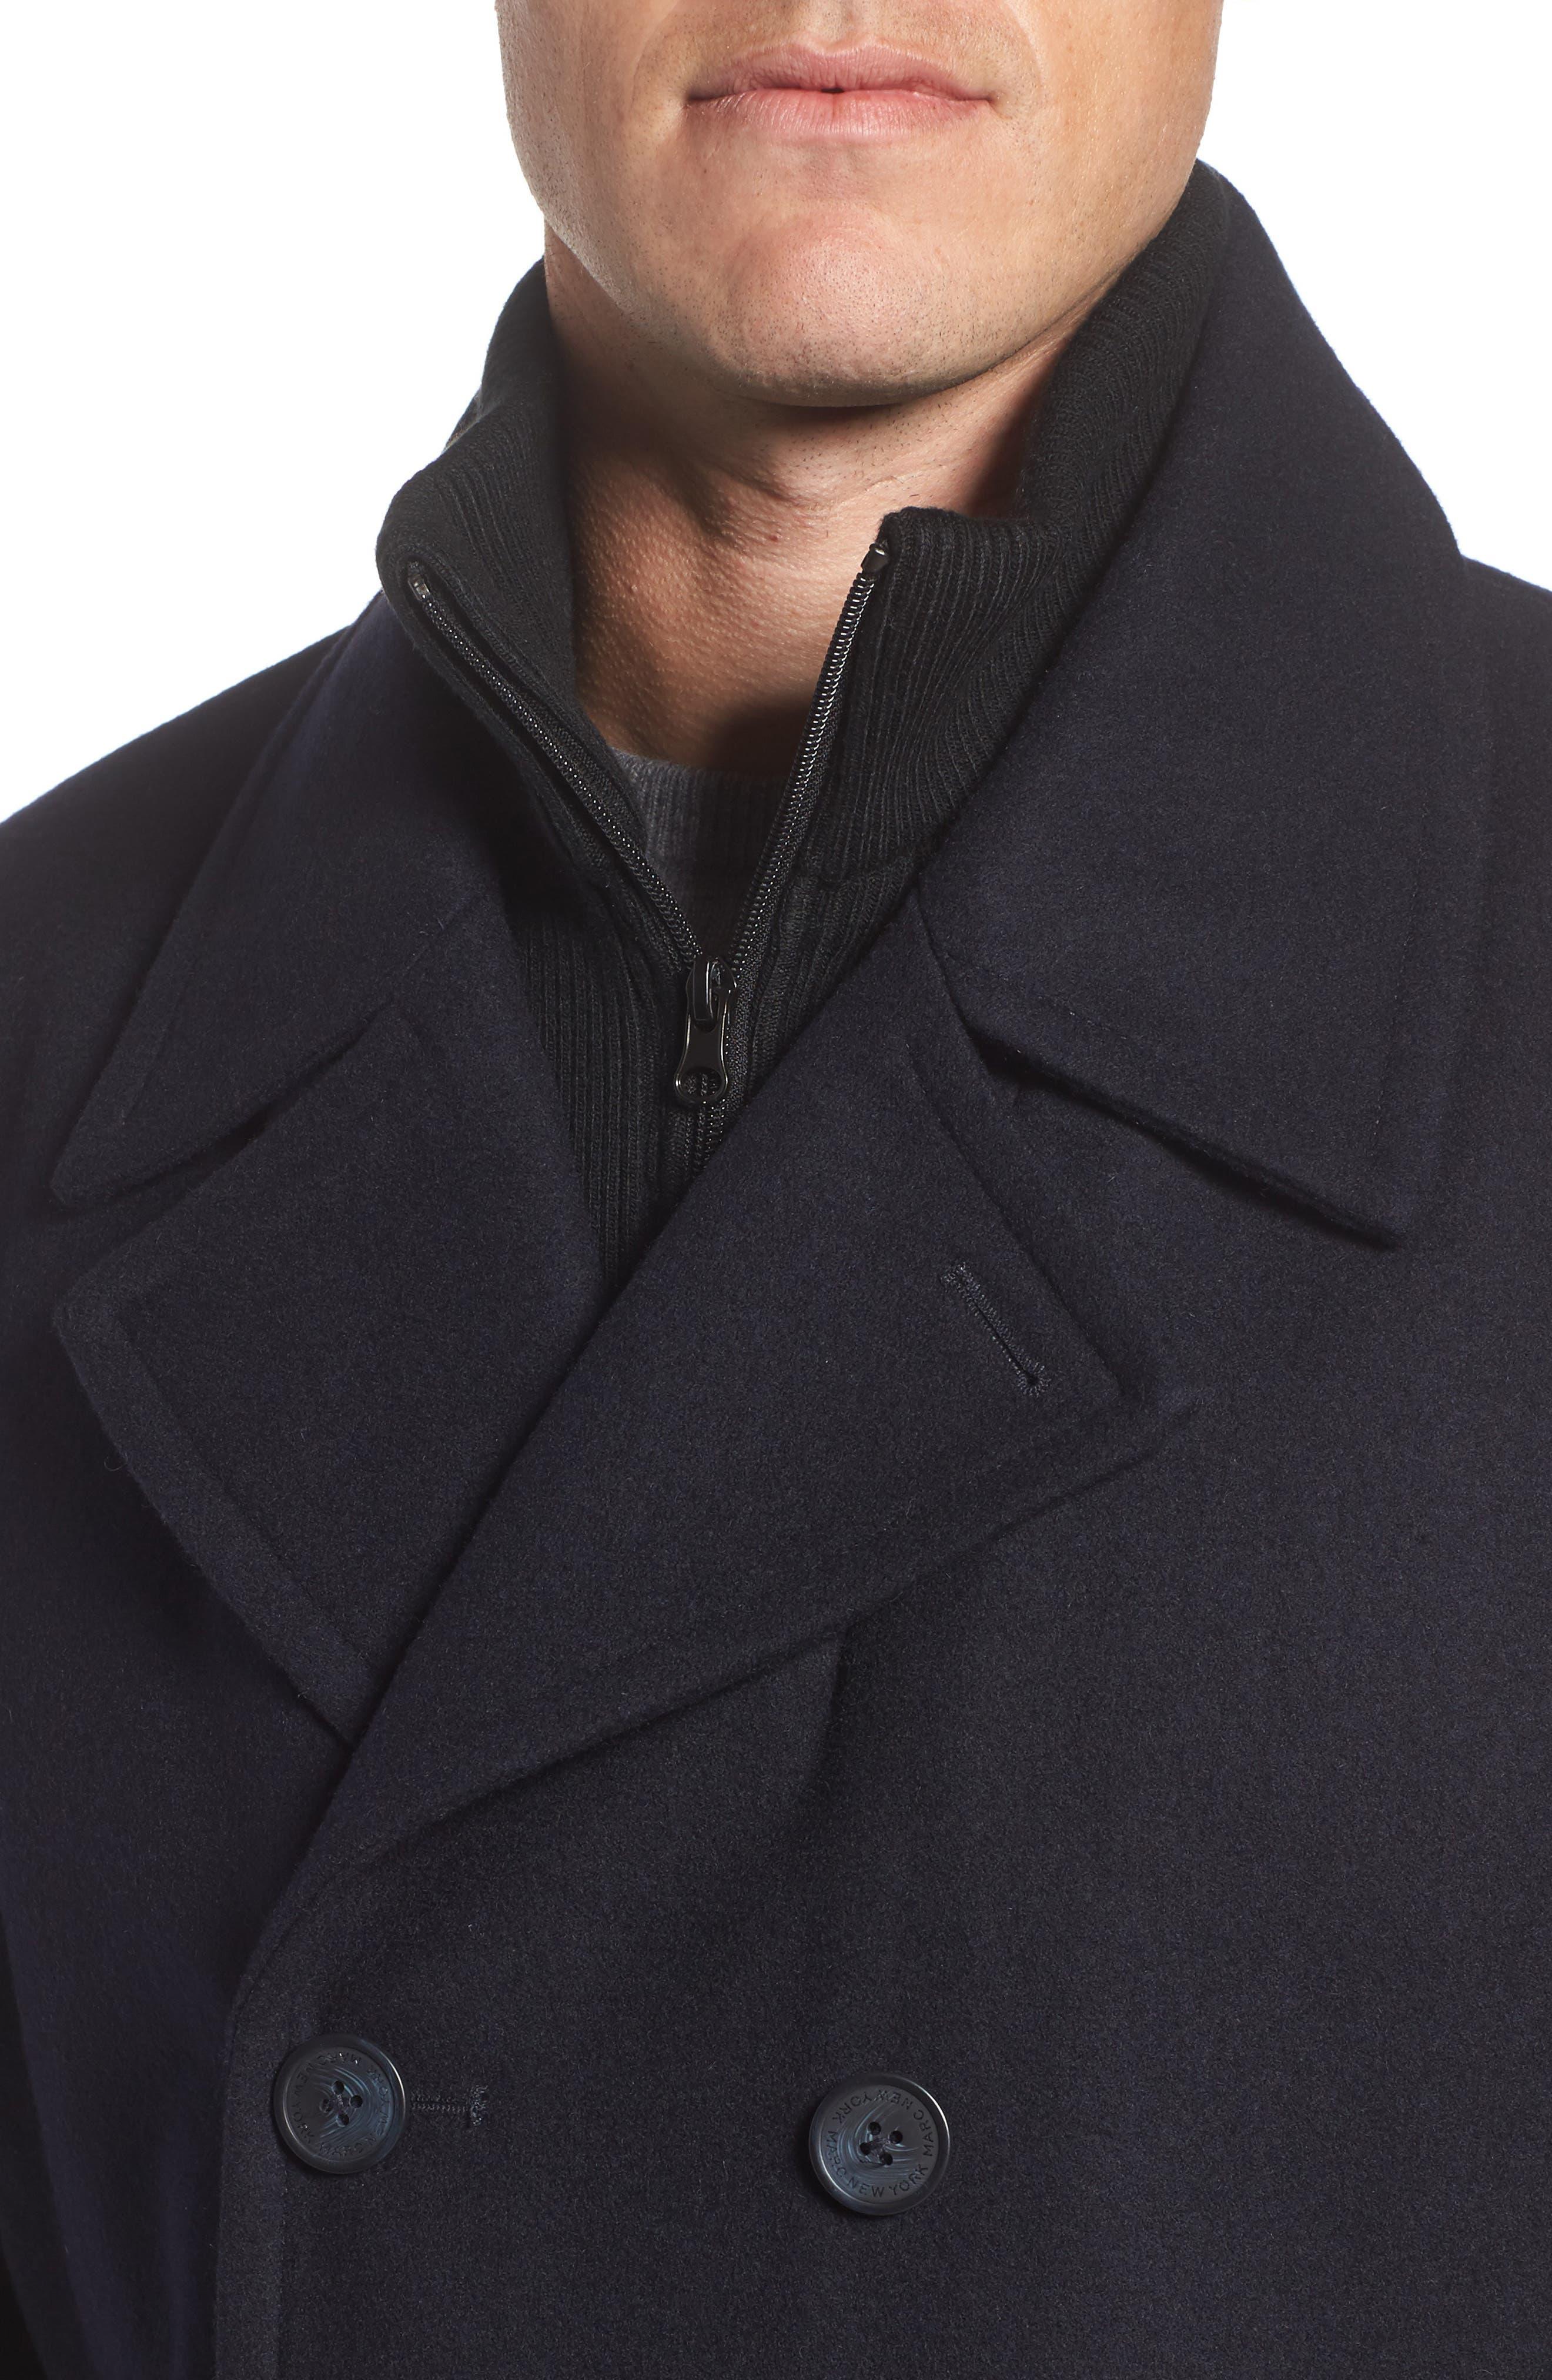 Alternate Image 4  - Marc New York Burnett Wool Blend Peacoat with Front Insert